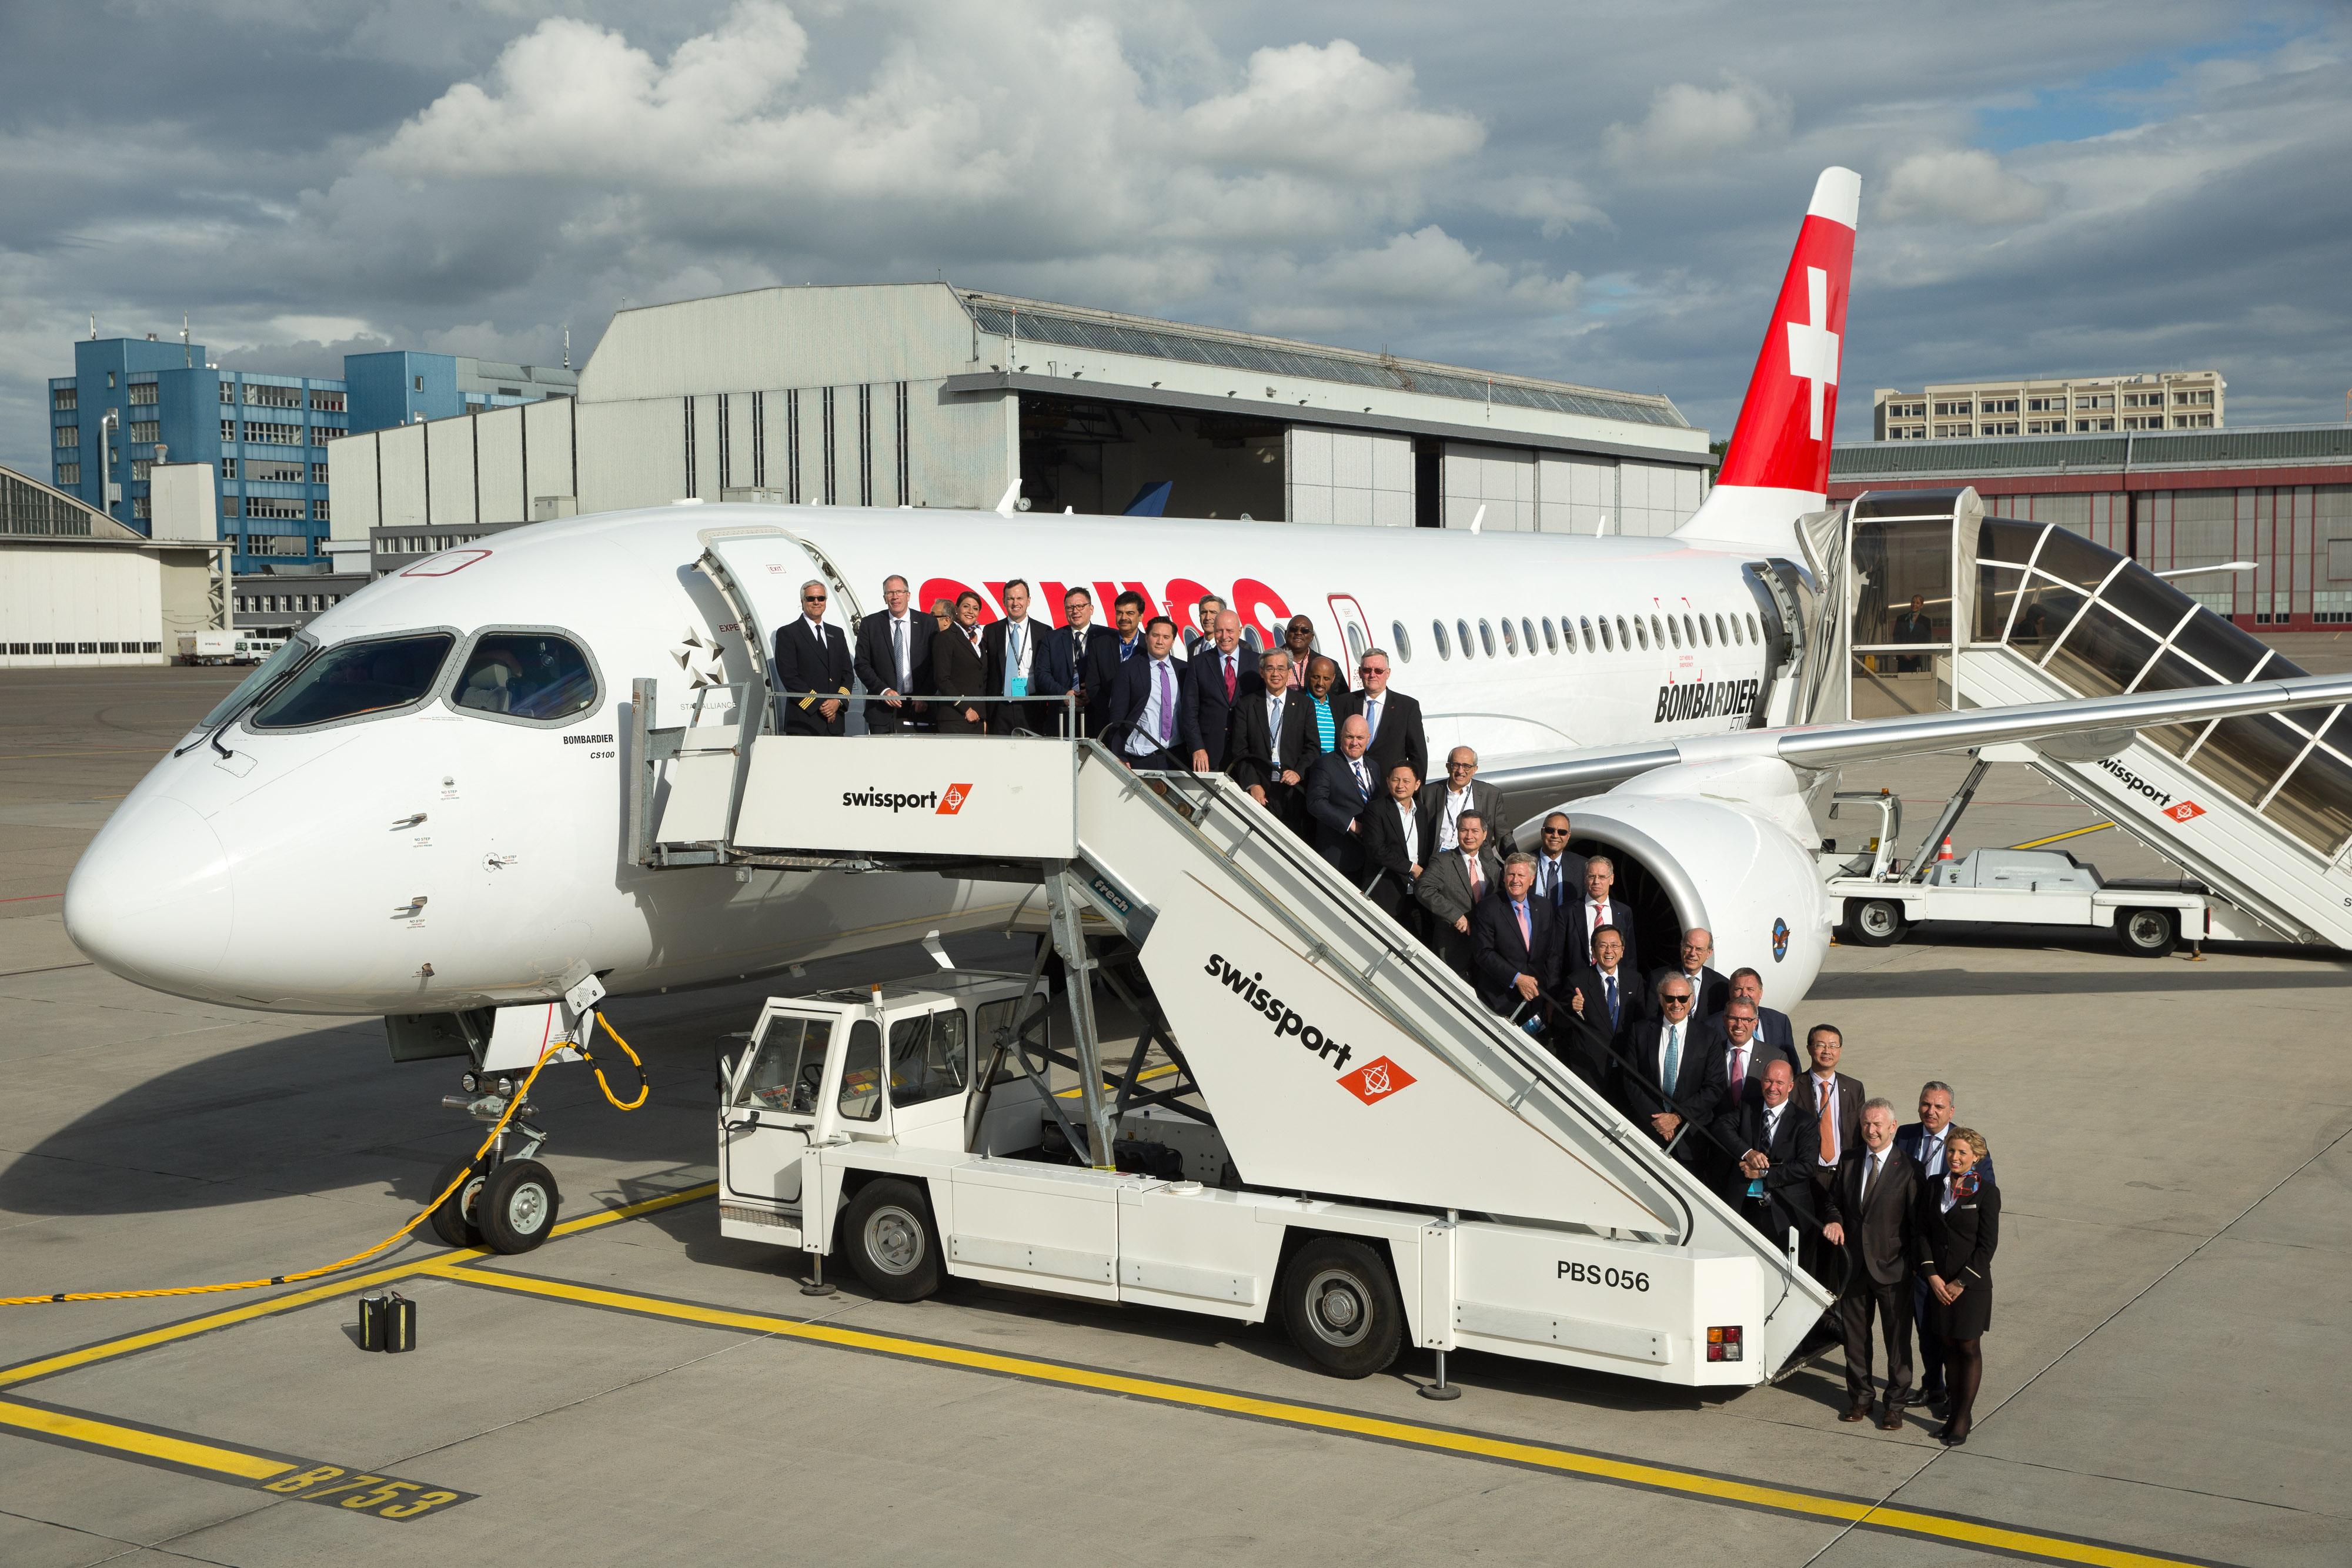 Star Alliance CEOs arrive in Zurich